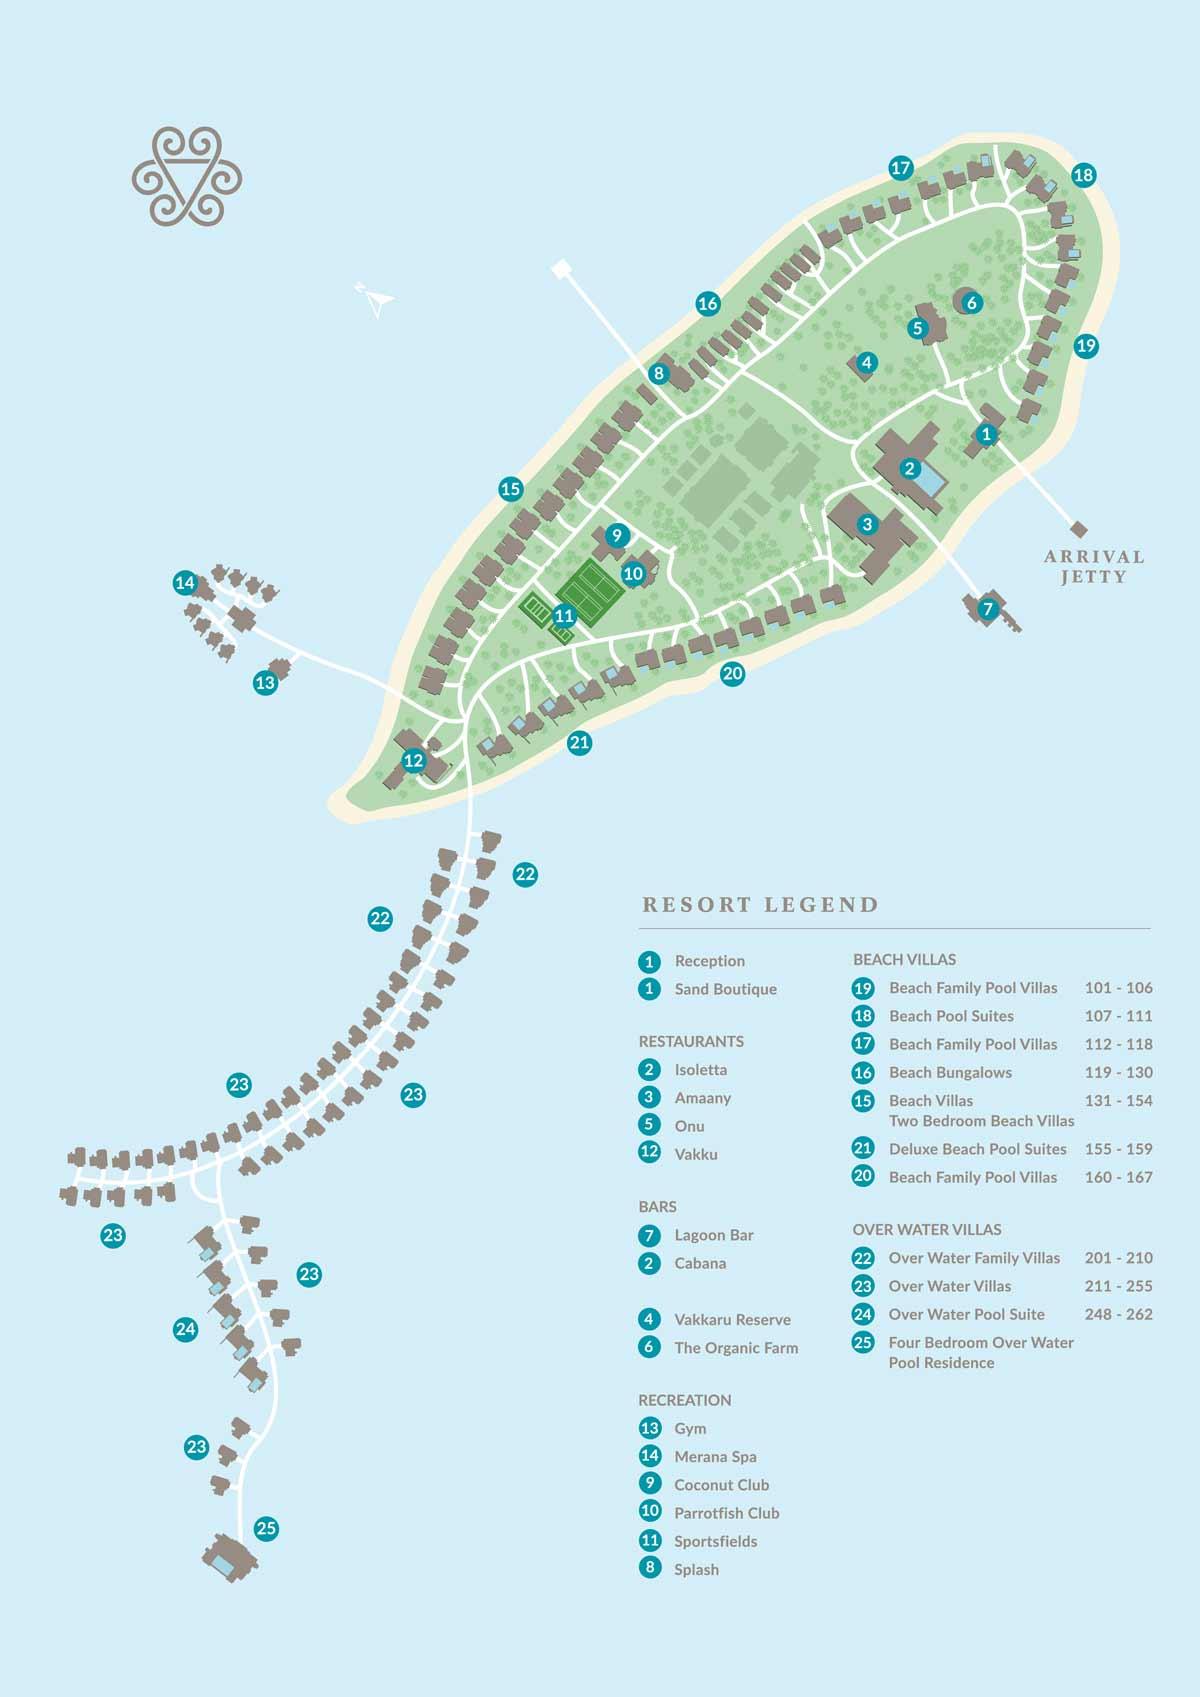 Lageplan Vakkaru Maldives